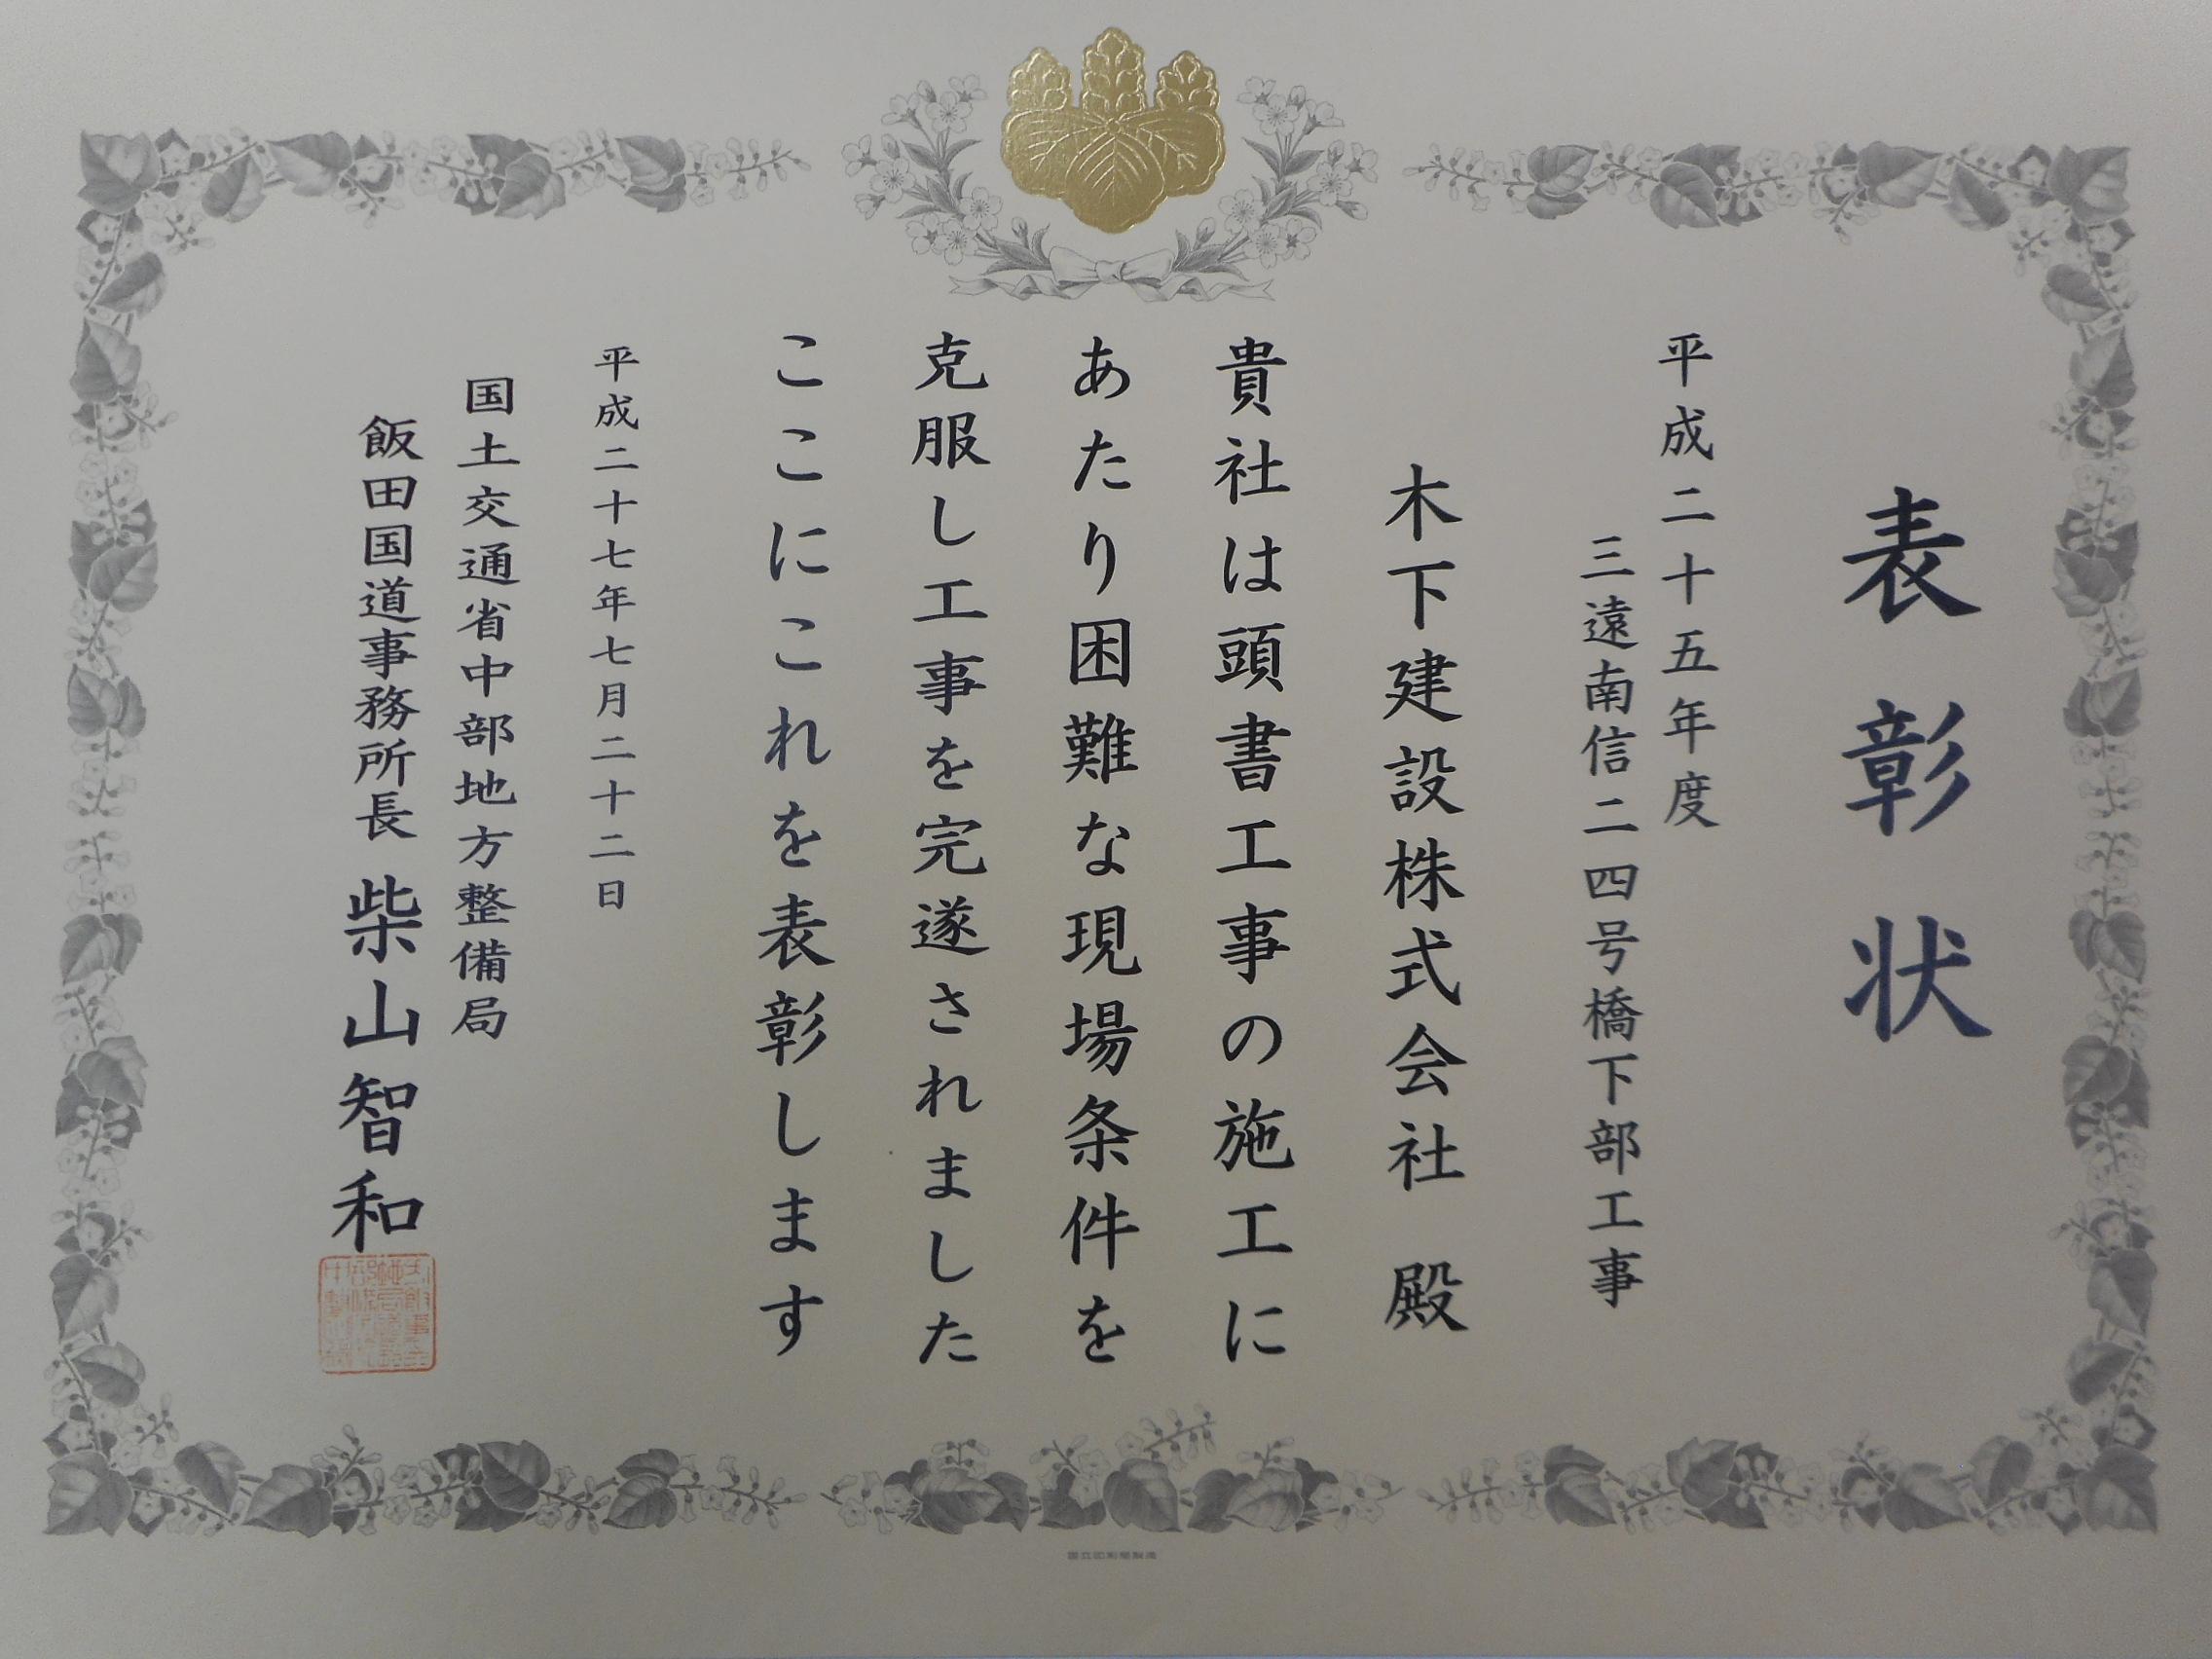 平成27年 事務所長表彰『困難克服』